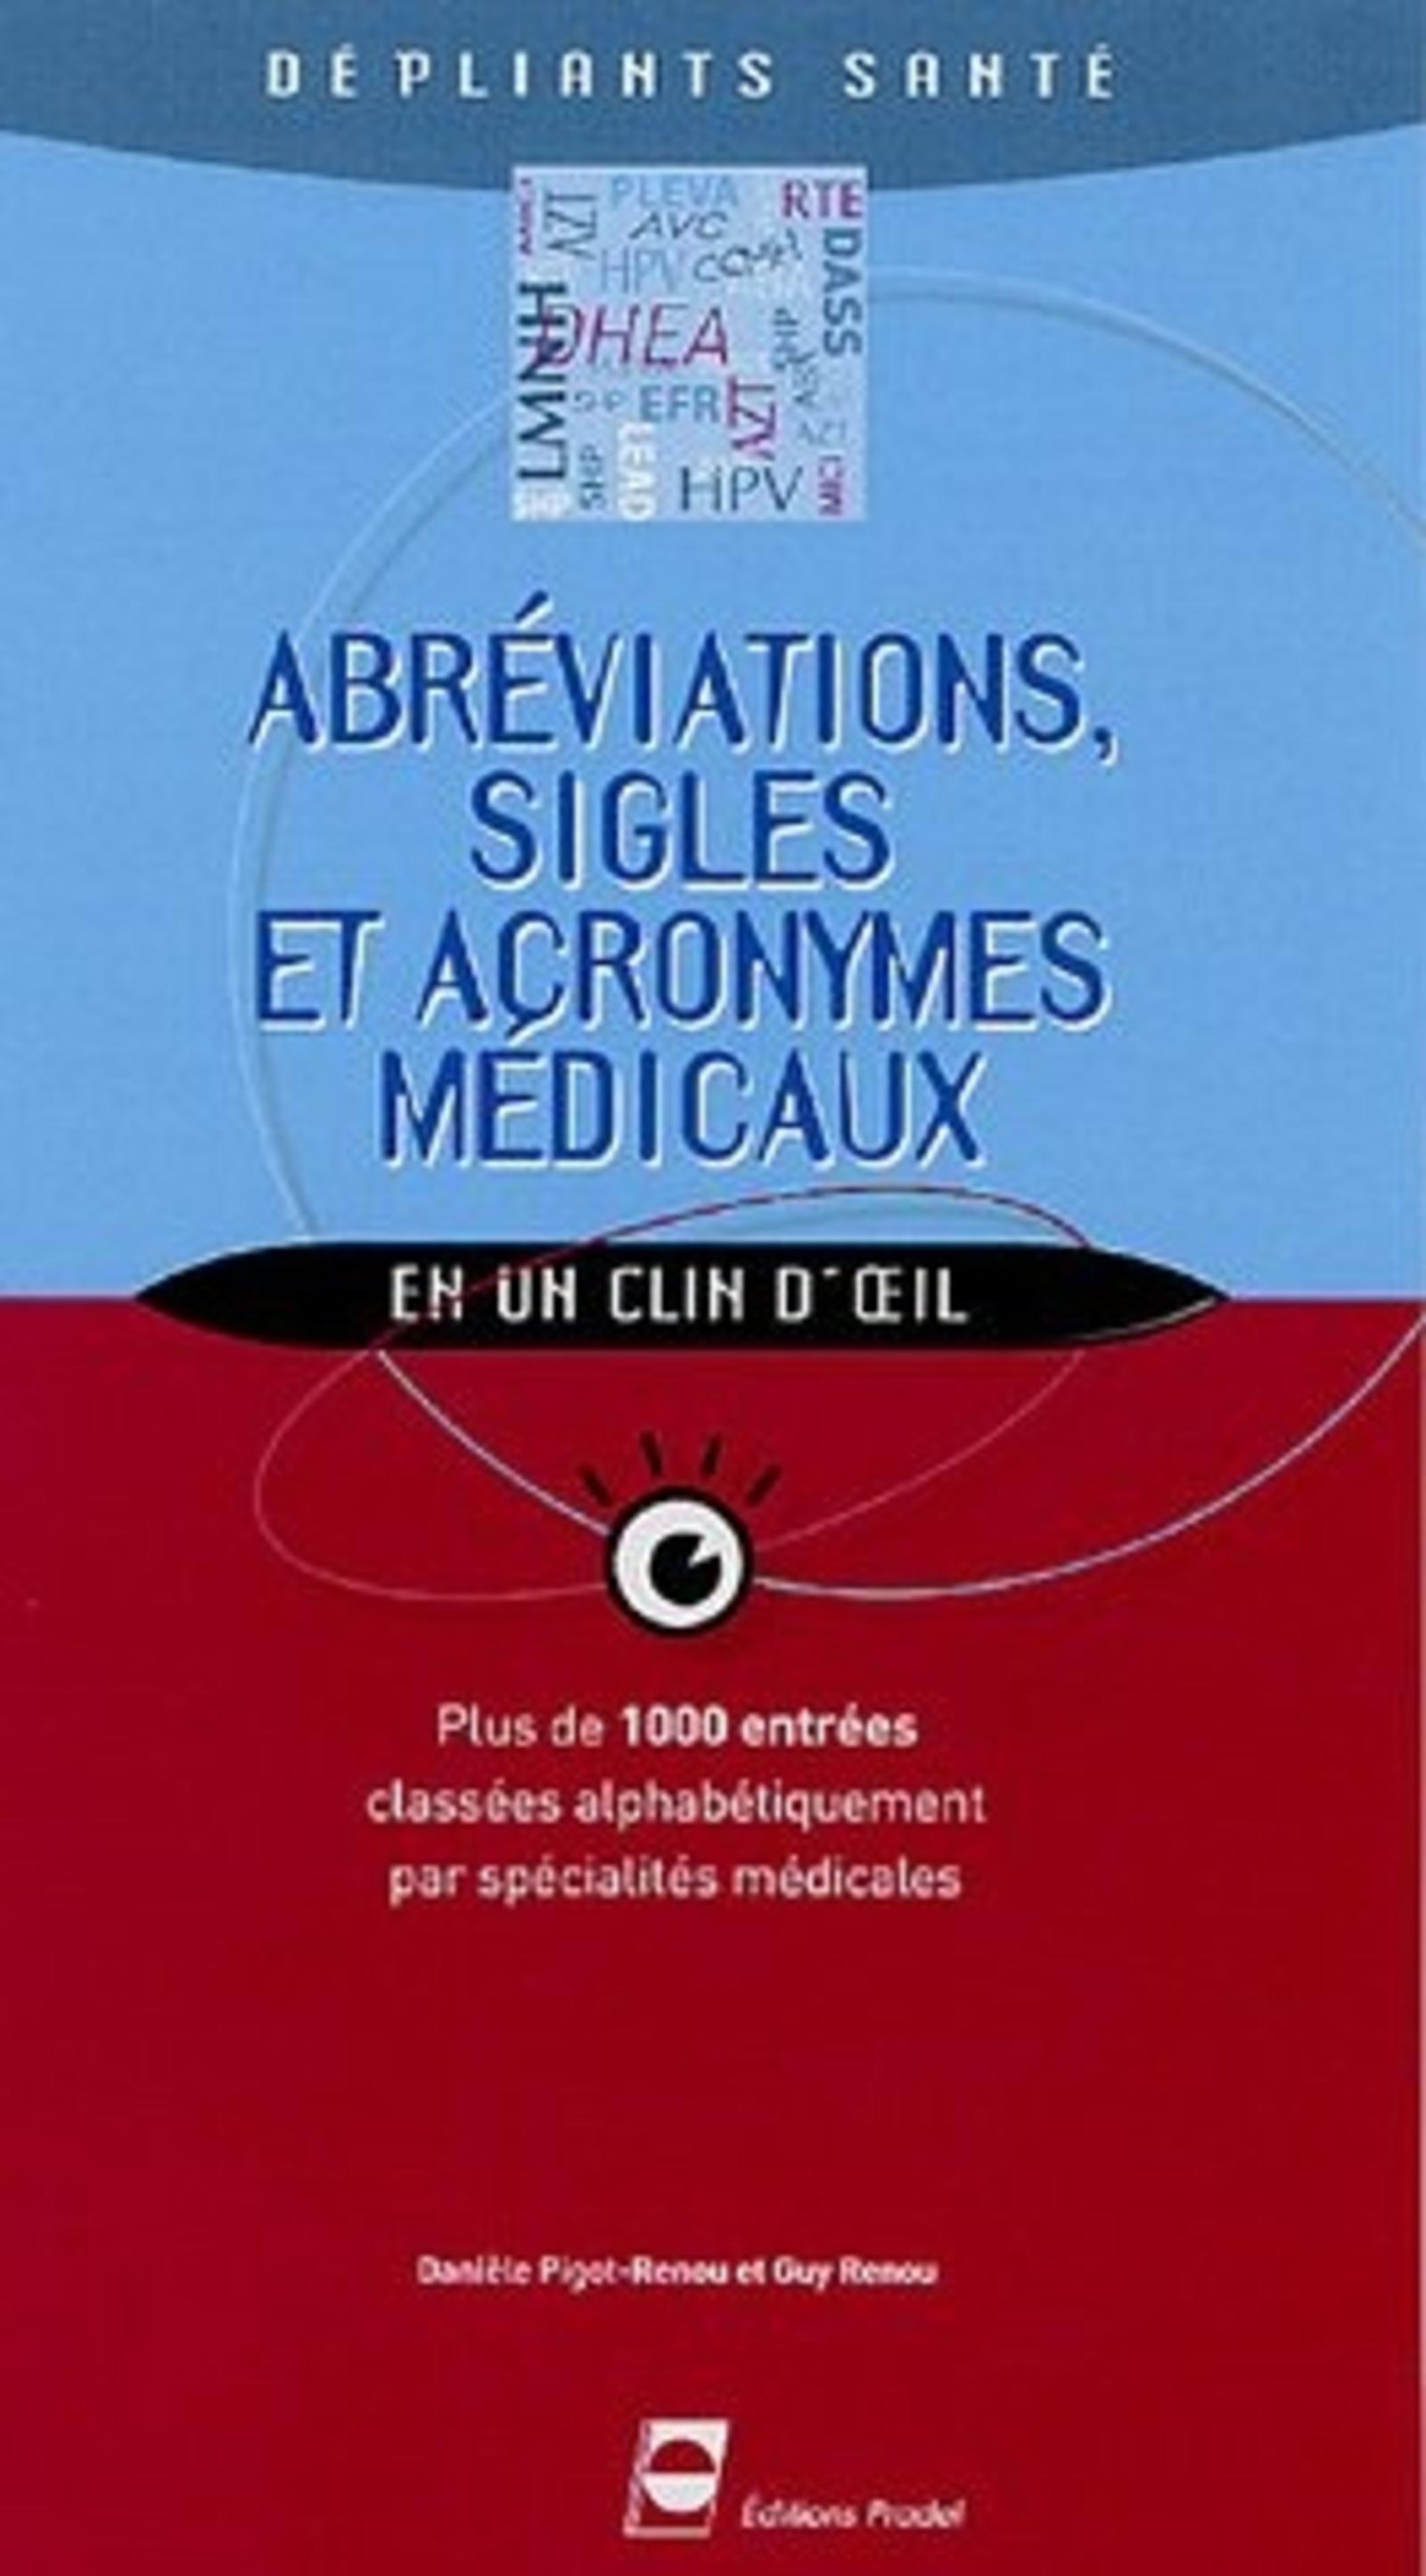 ABREVIATIONS SIGLES ET ACRONYMES MEDICAUX DEPLIANT SANTE